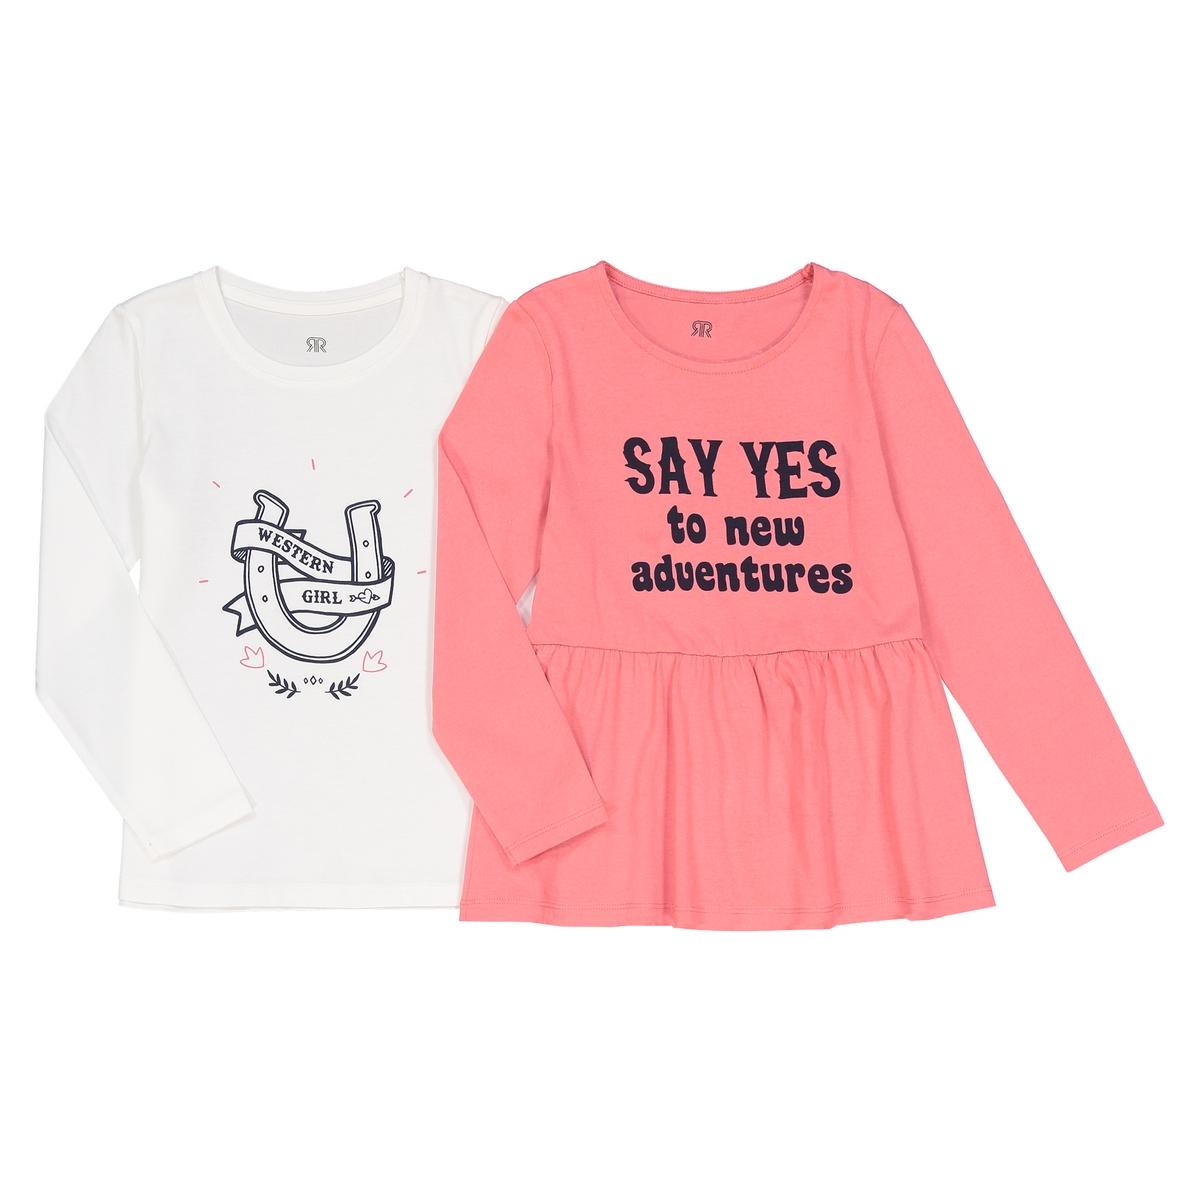 2 футболки с длинными рукавами, 3-12 лет 2 футболки 3 12 лет